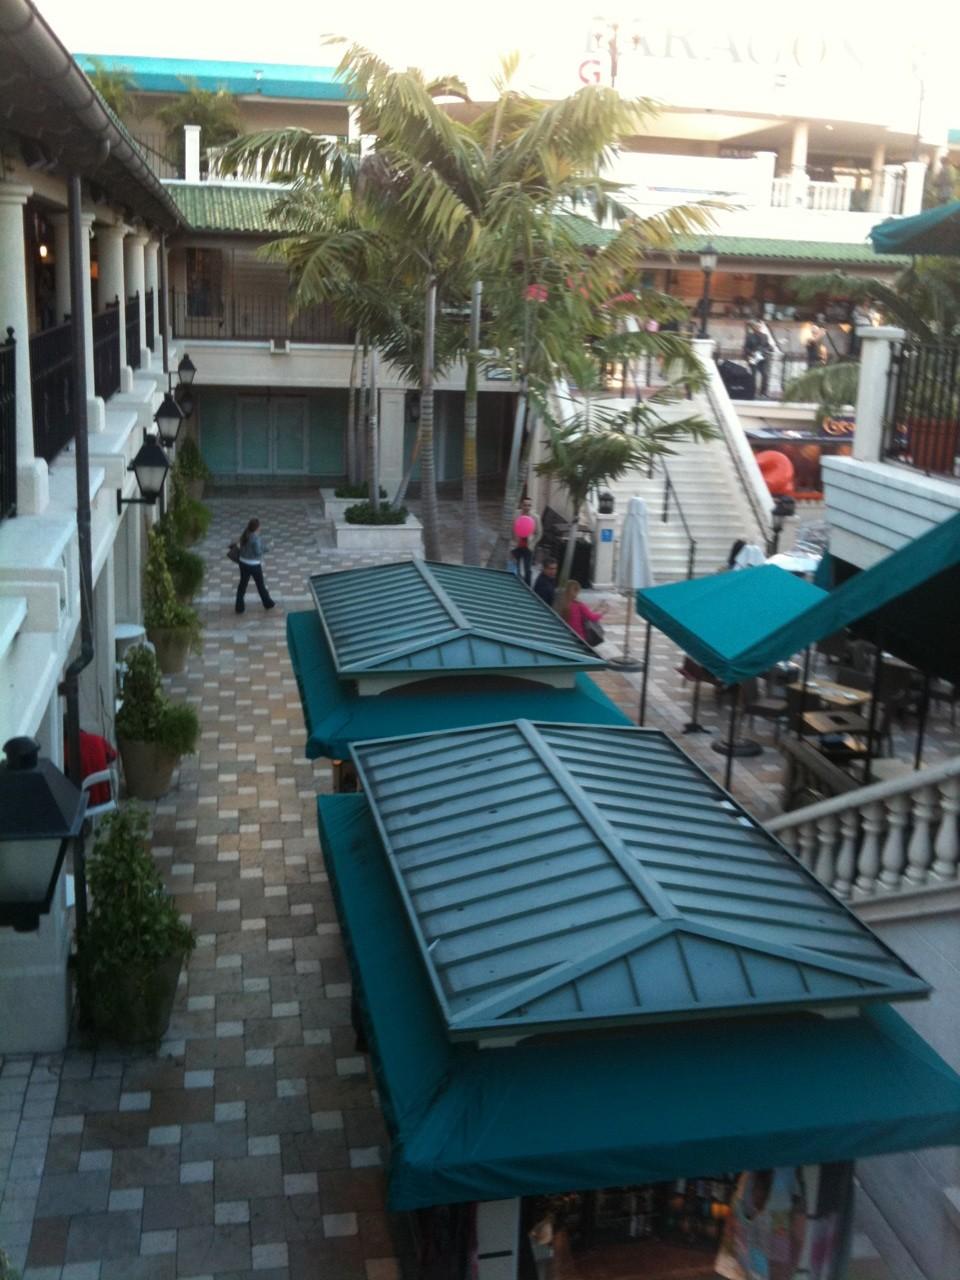 Coco Walk Restaurants And Vendors